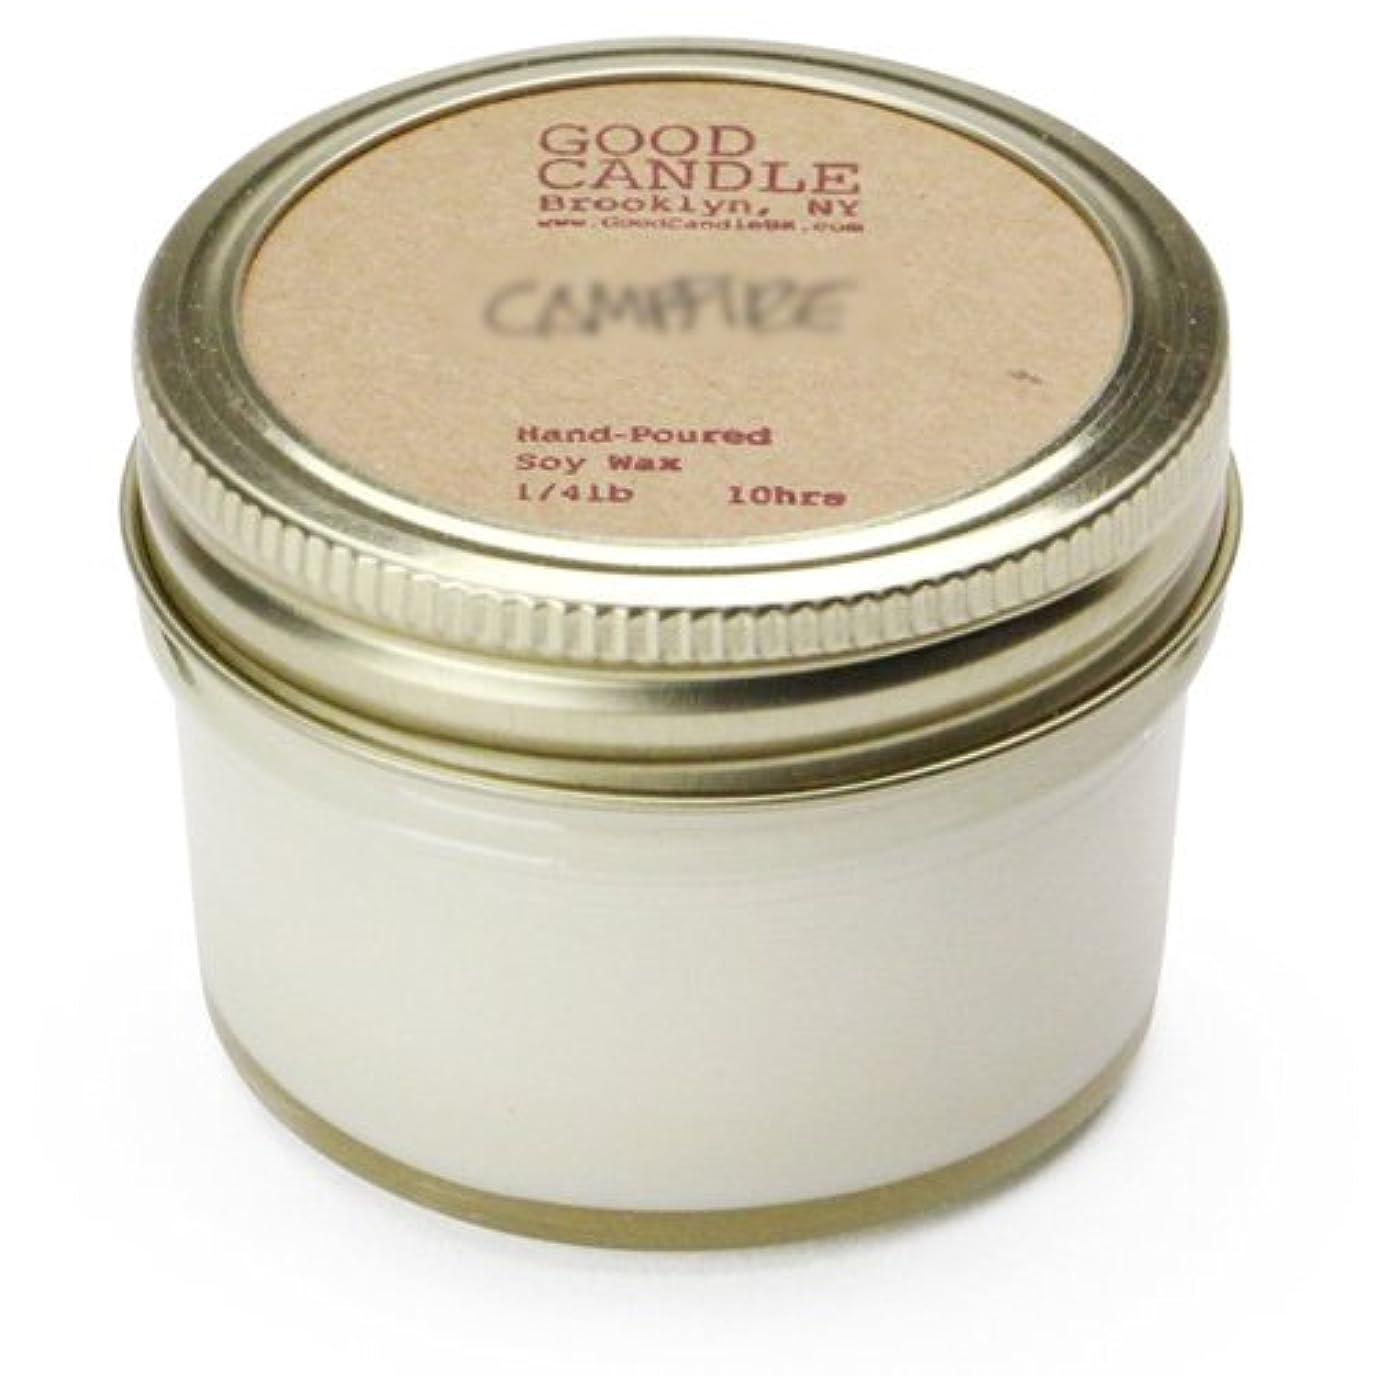 敵輝度アーネストシャクルトングッドキャンドル 1/4ポンド ゼリージャー キャンドル Good Candle 1/4LB Jelly jar candle [ Mimosa ] 正規品